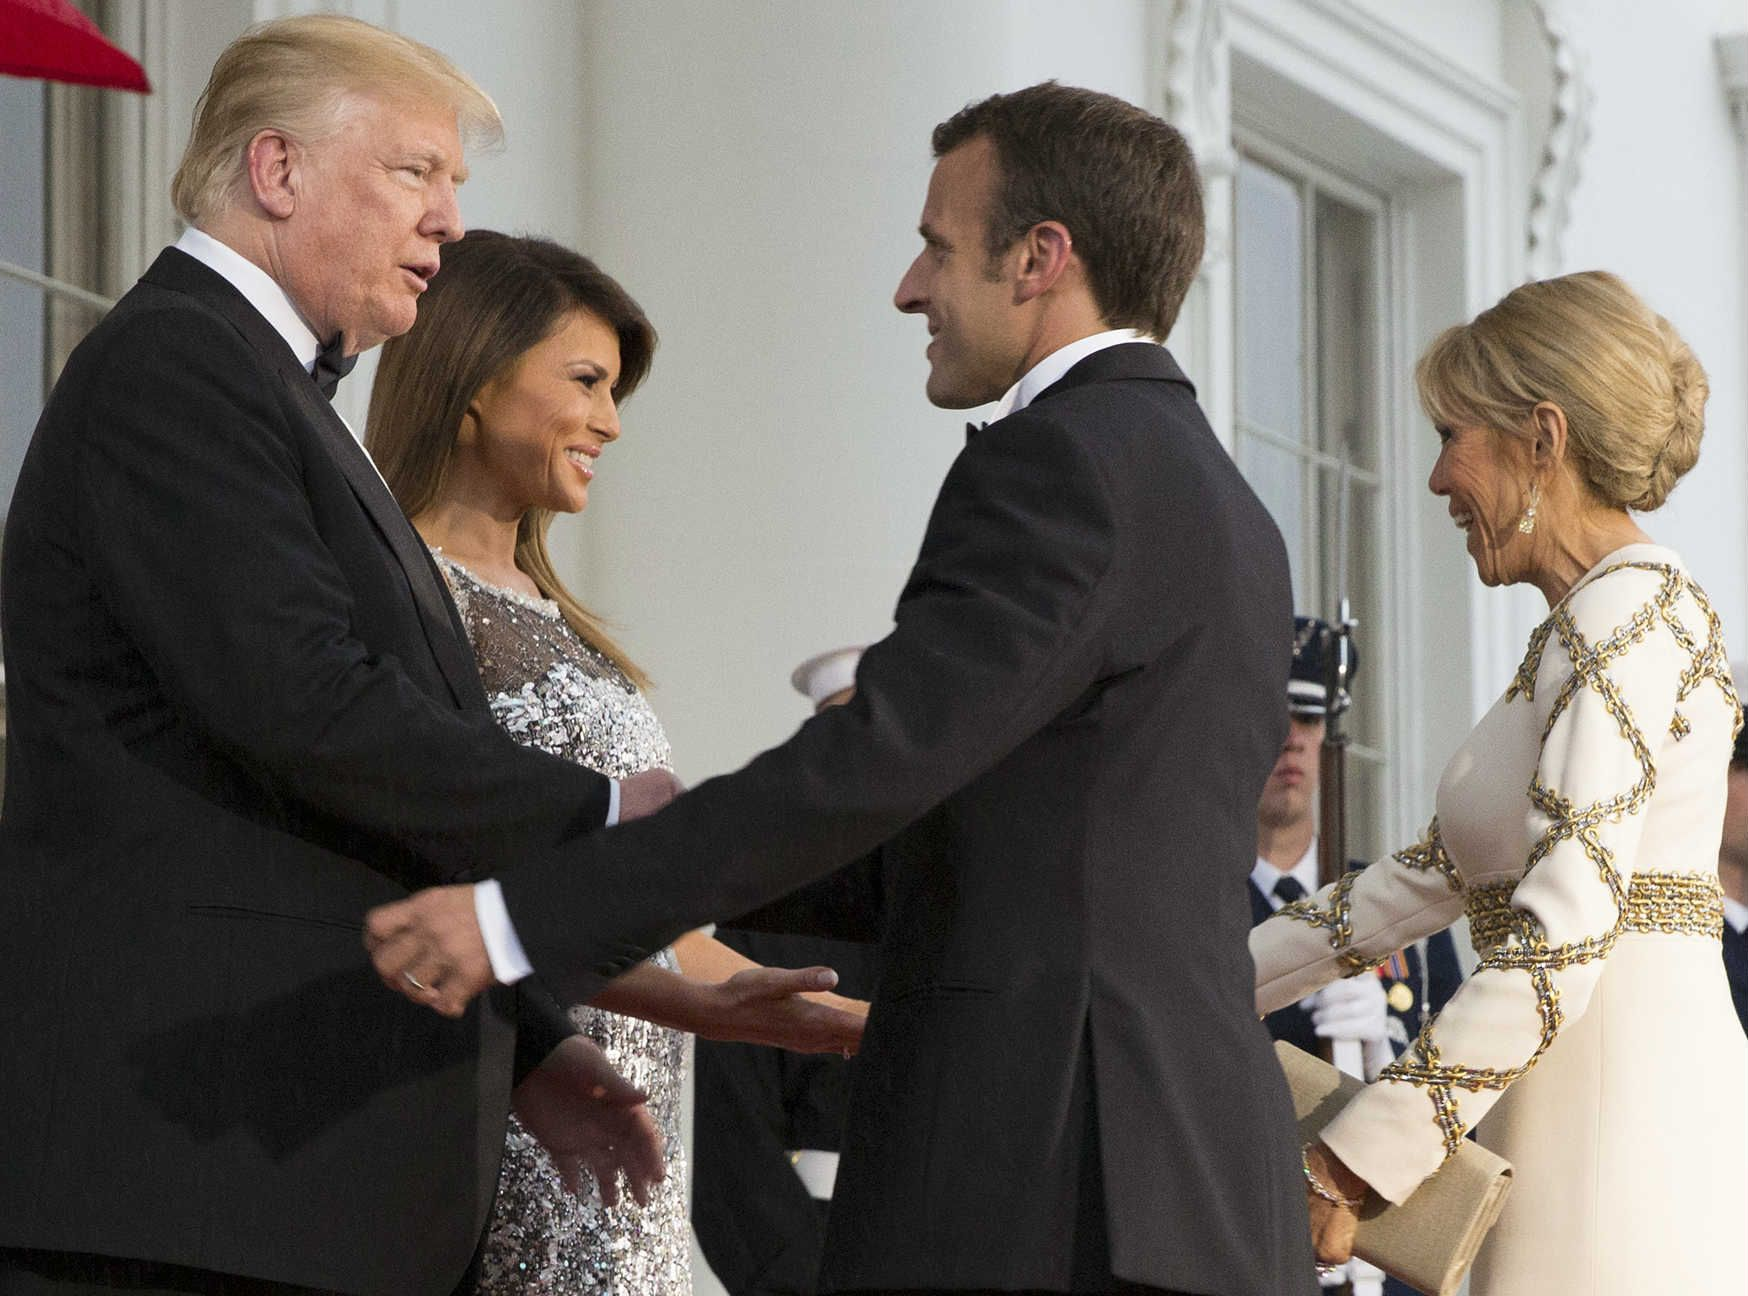 #TopNewsPublic : Le dîner d'Etat d'Emmanuel Macron à la Maison Blanche, Le retour royale d'Avril Lavigne